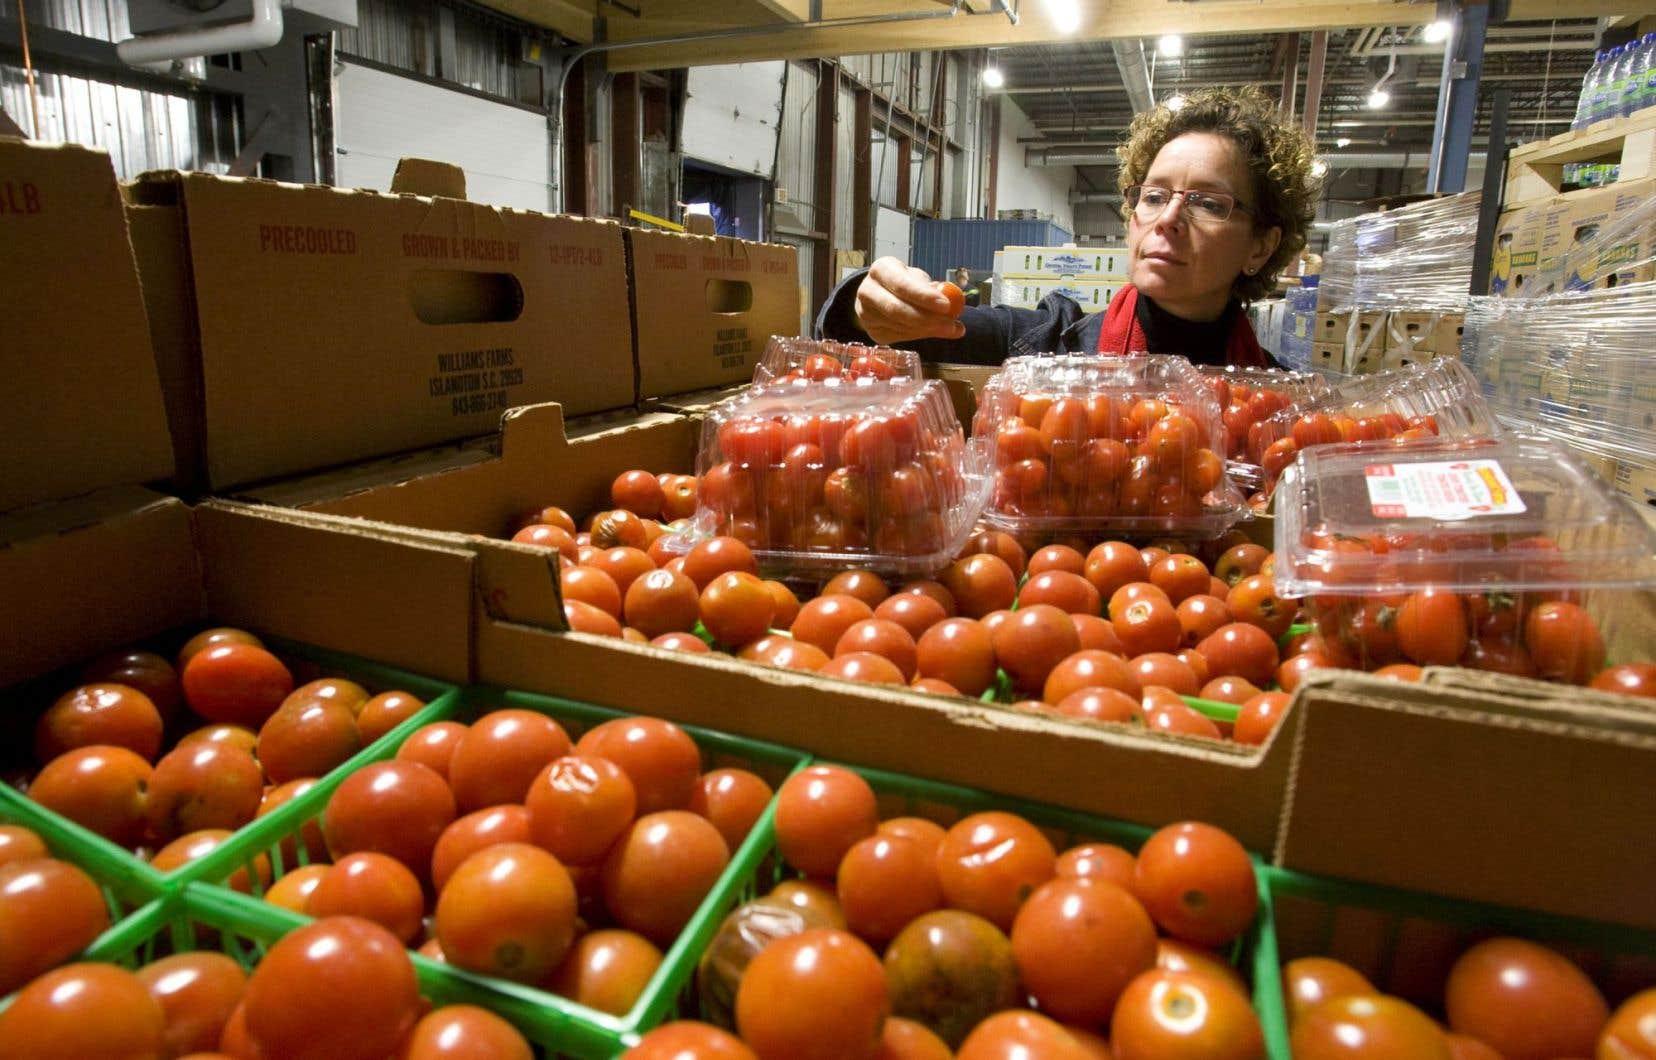 Depuis ces débuts en 2013, la cueillette des denrées périssables en supermarché a permis aux organismes participants d'épargner 4,2 millions en achat d'aliments.